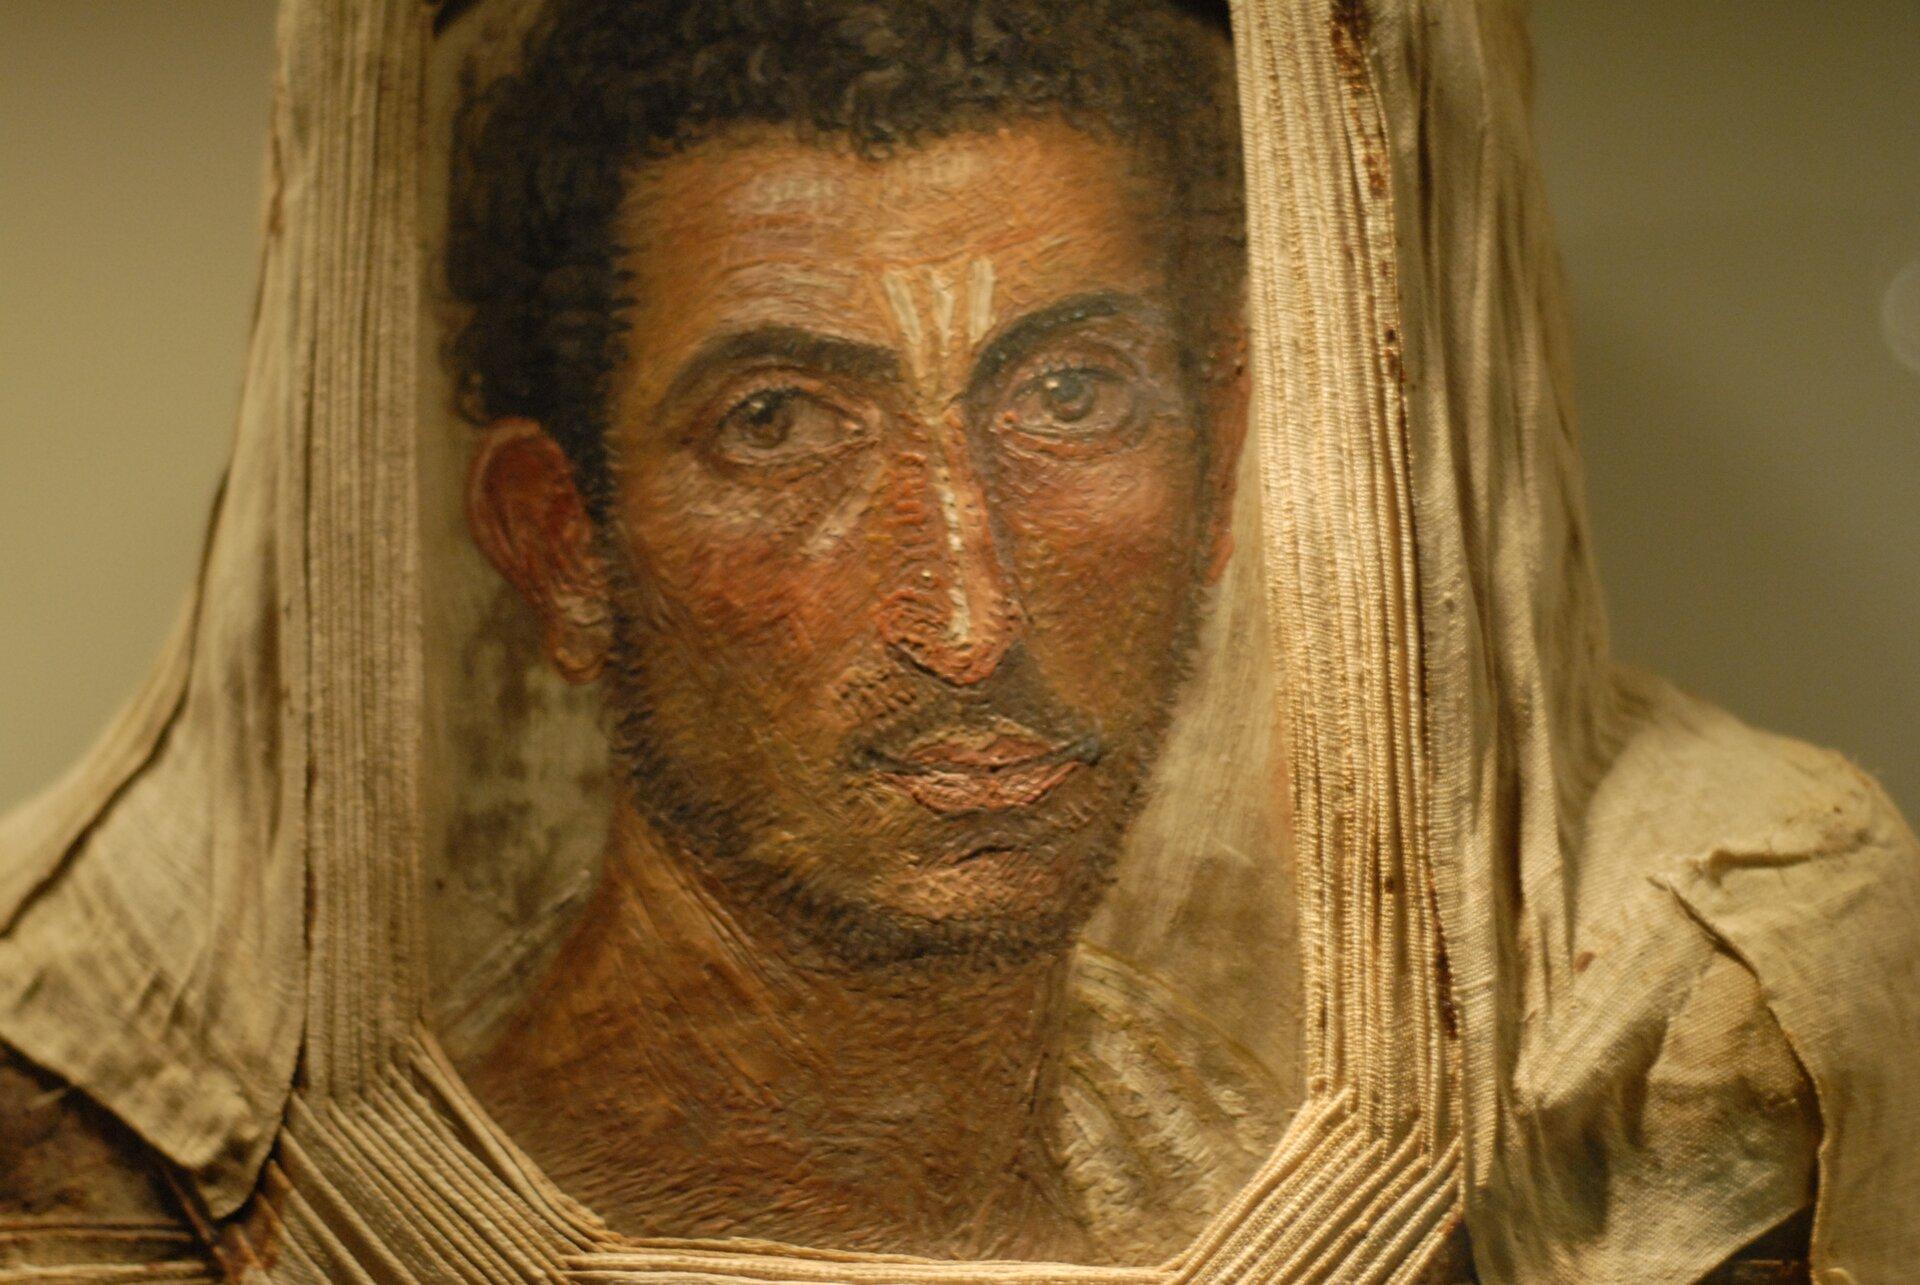 Portret mumiowyznaleziony wmieście Hawara woazie Fajum Portret mumiowyznaleziony wmieście Hawara woazie Fajum Źródło: Twospoonfuls, domena publiczna.